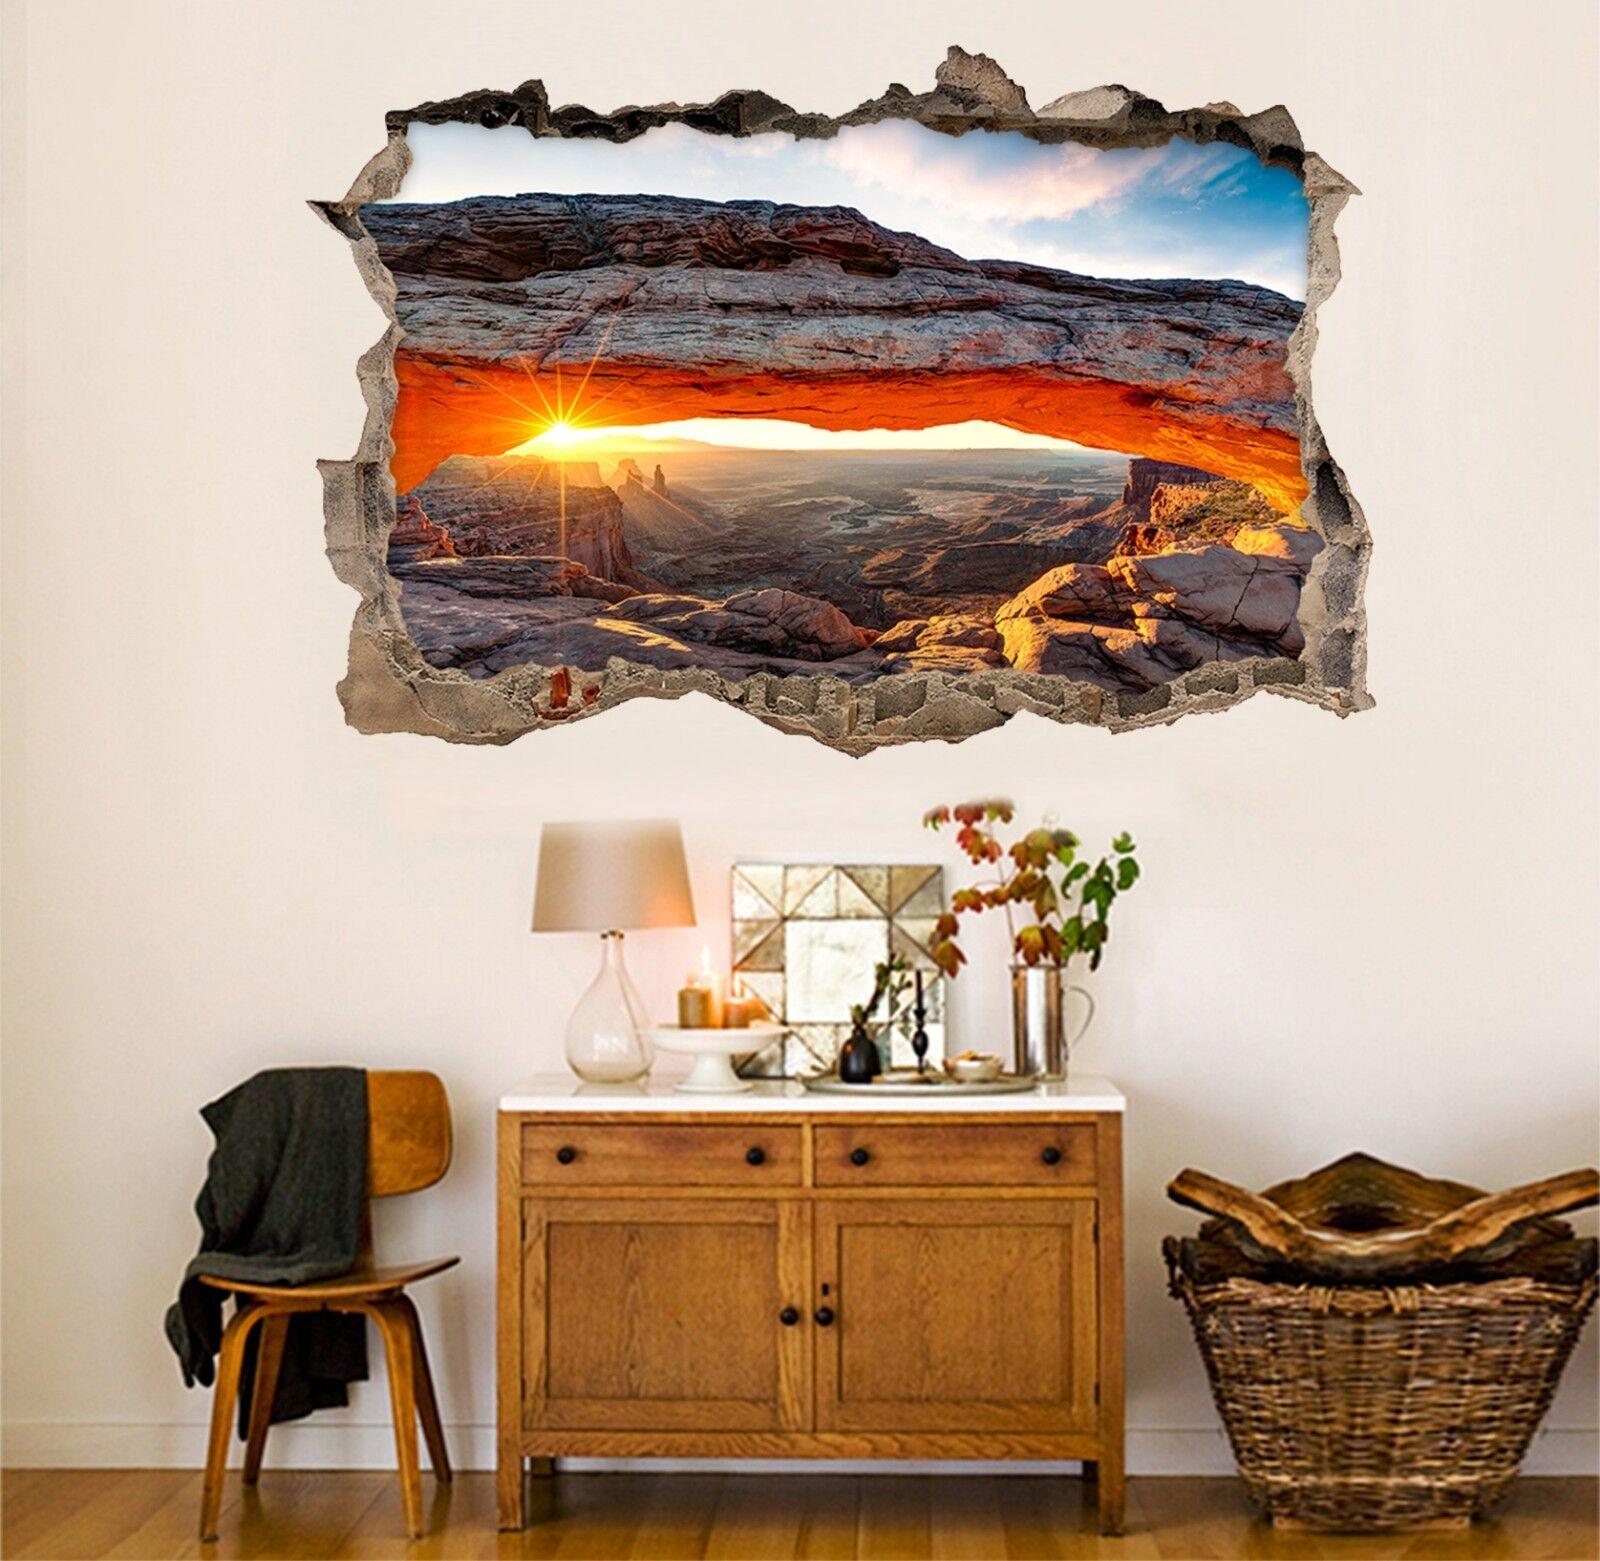 3D Paesaggio Caverne 21 Parete Murales Adesivi Decal Sfondamento AJ WALLPAPER IT